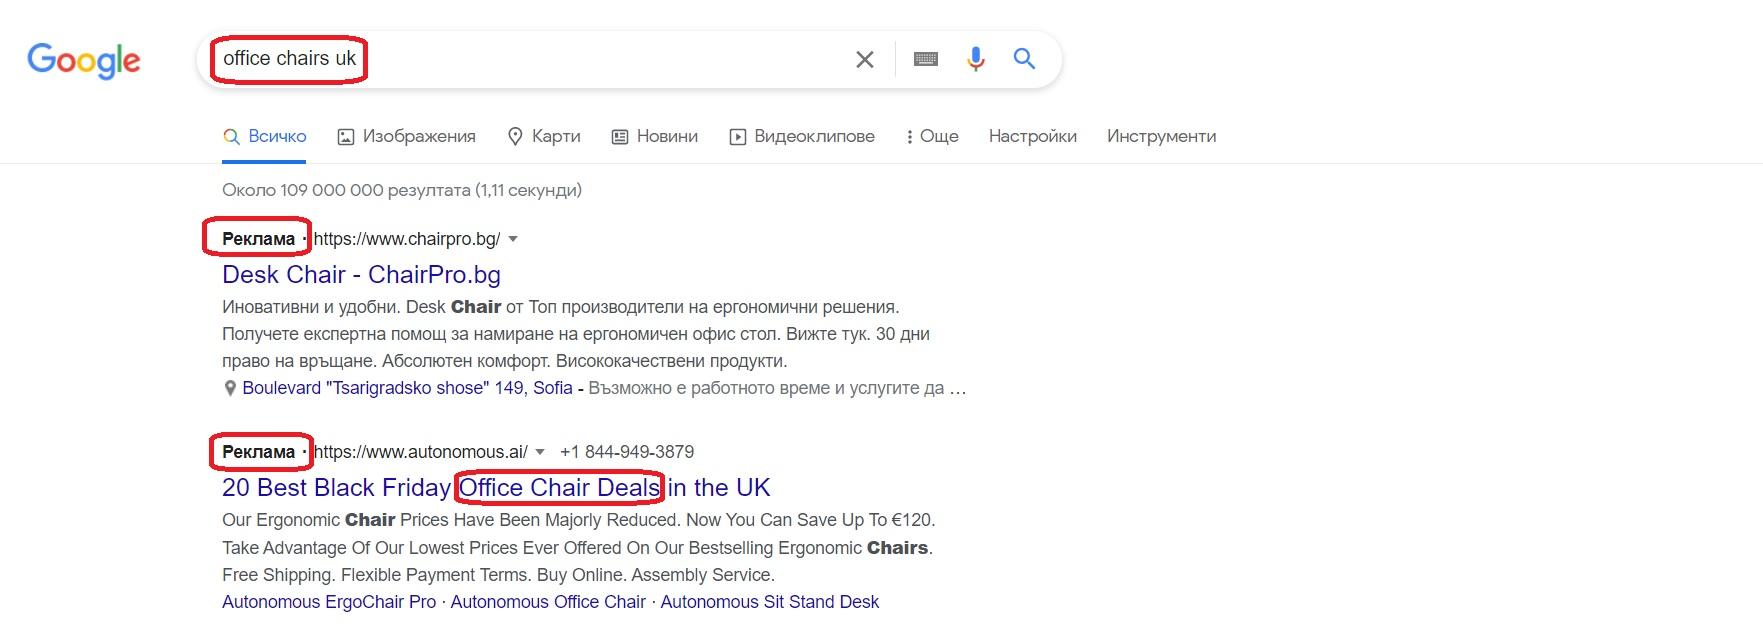 Tipos de anuncios - Búsqueda de Google - Sillas de oficina VilizarN.EU